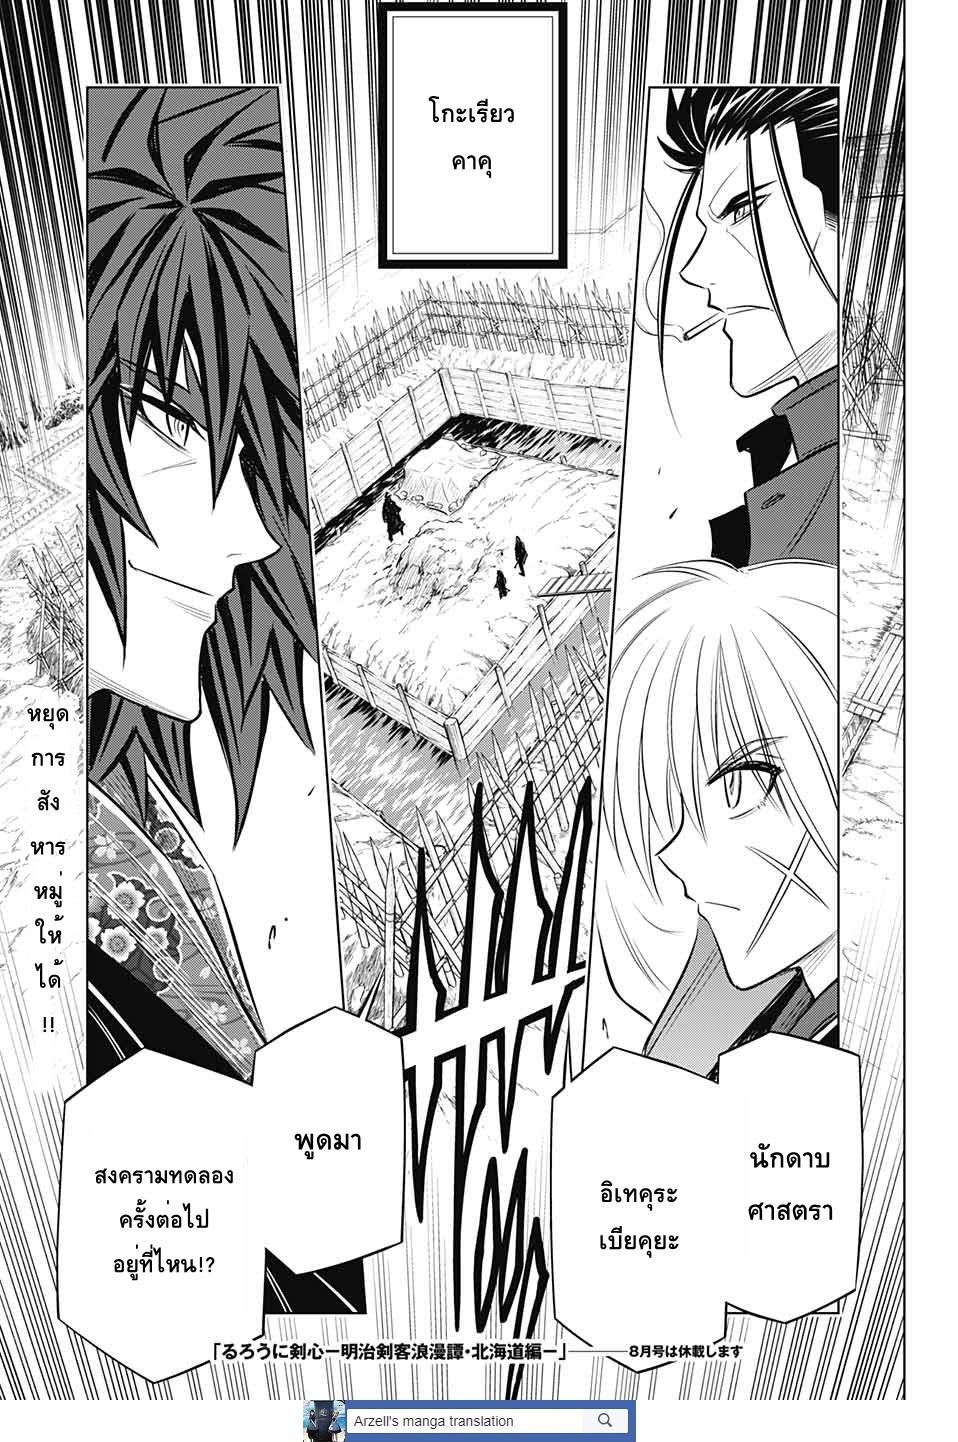 อ่านการ์ตูน Rurouni Kenshin: Hokkaido Arc ตอนที่ 16 หน้าที่ 23